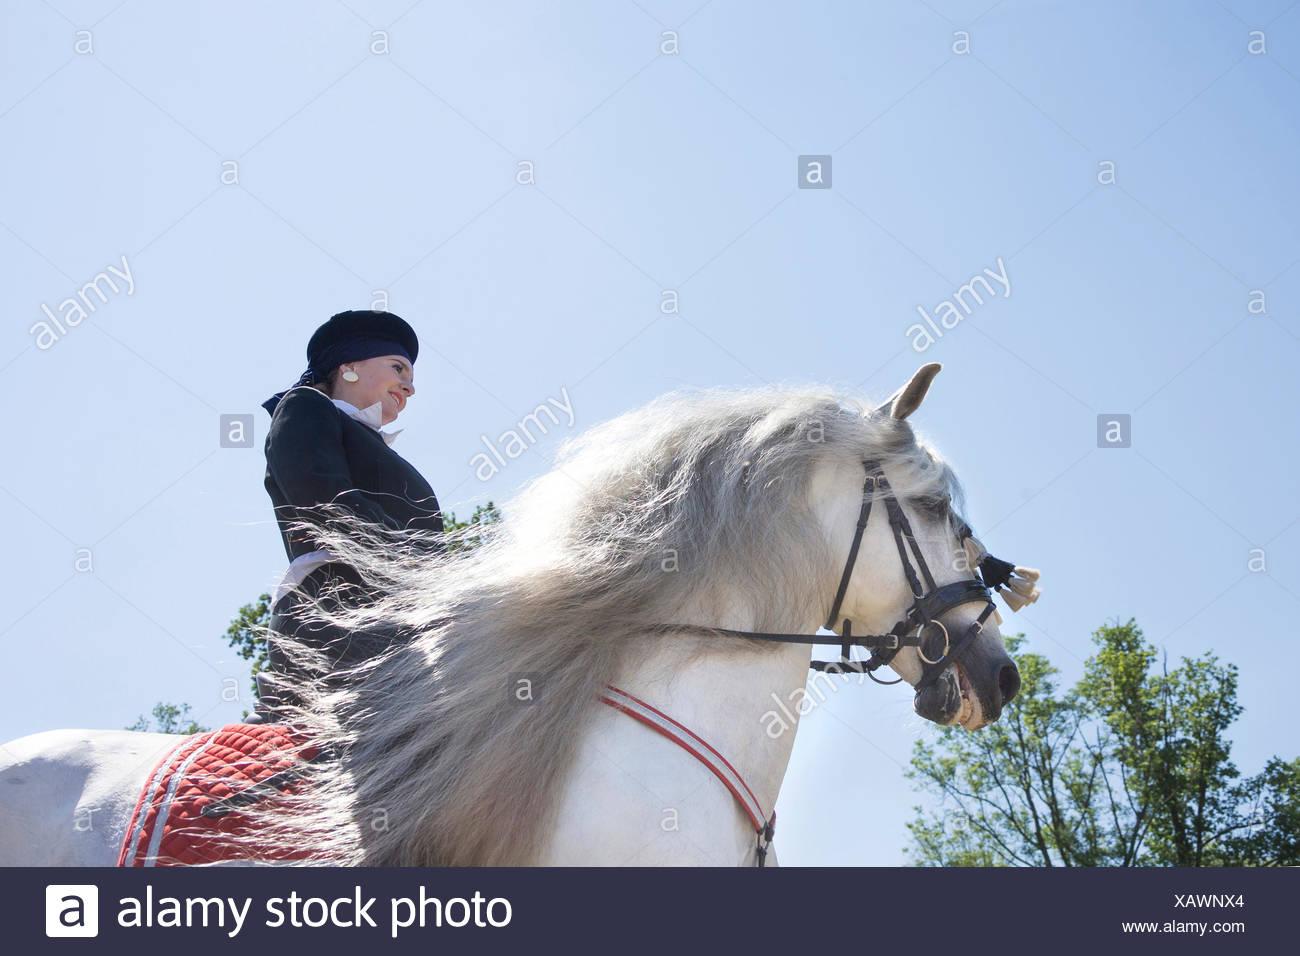 Puro Caballo Español, andaluz. Jinete en la vestimenta tradicional sobre gris semental galopando en un caballo, senn desde abajo. Austria Imagen De Stock